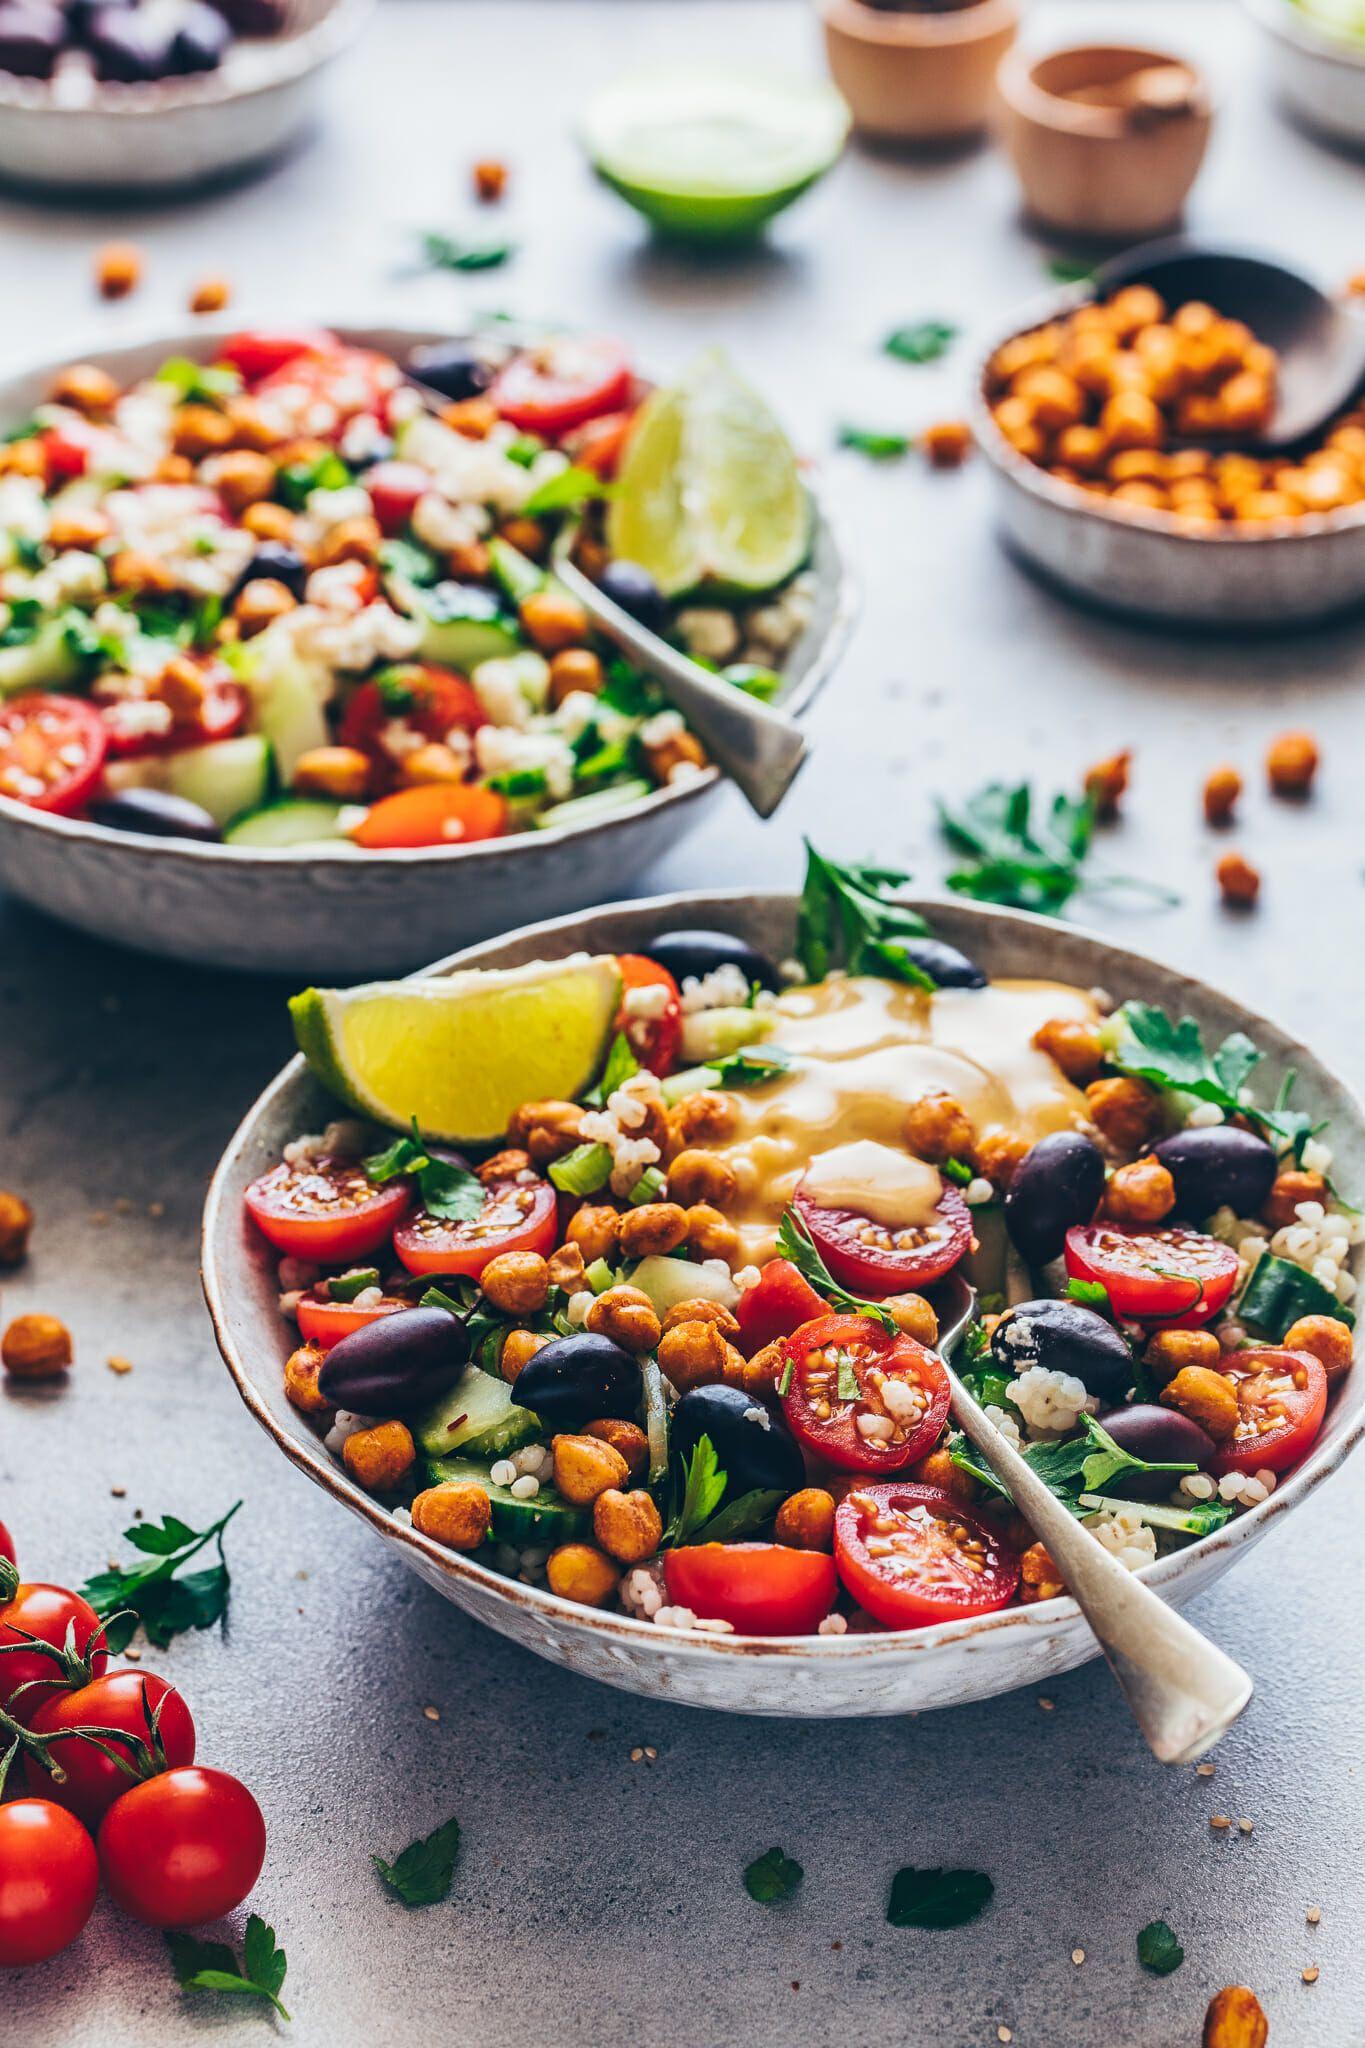 Mediterraner Kichererbsen Salat Einfach Vegan Bianca Zapatka Rezepte Recipe In 2020 Mediterranean Chickpea Salad Chickpea Salad Vegan Delicious Healthy Recipes